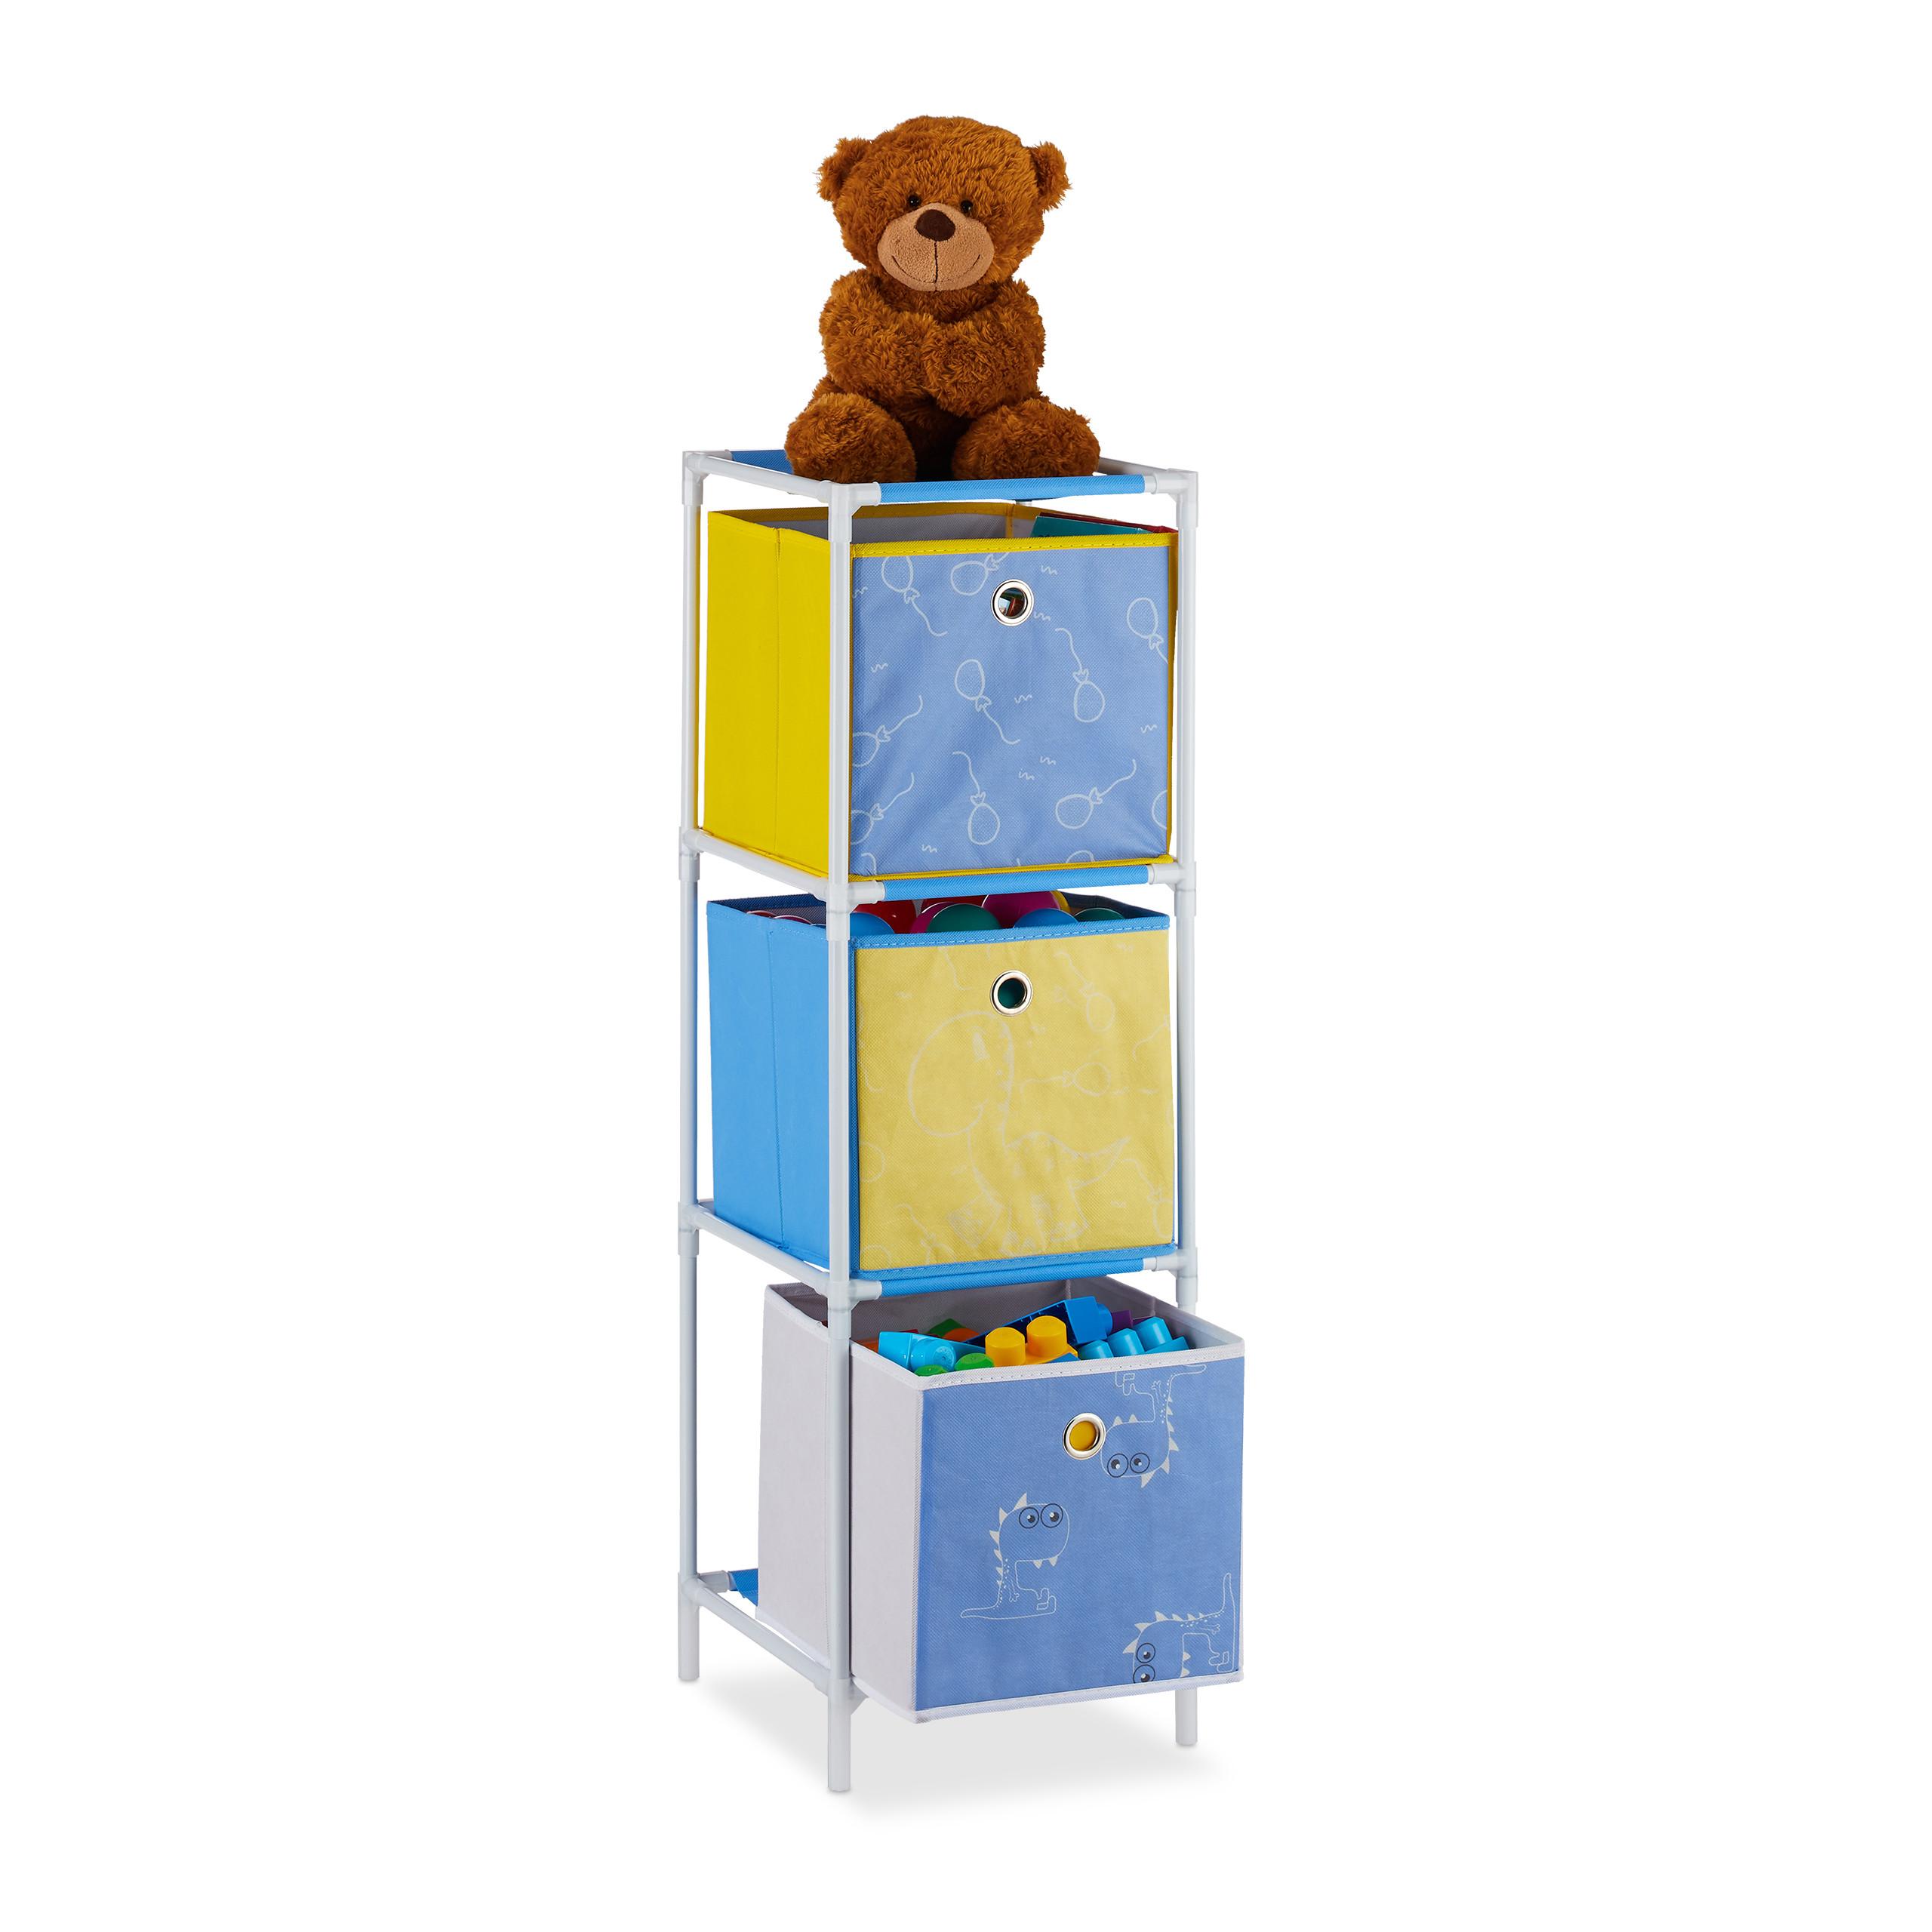 Spielzeugregal Kinderregal mit Boxen Spielregal Regal Kinderzimmer Standregal